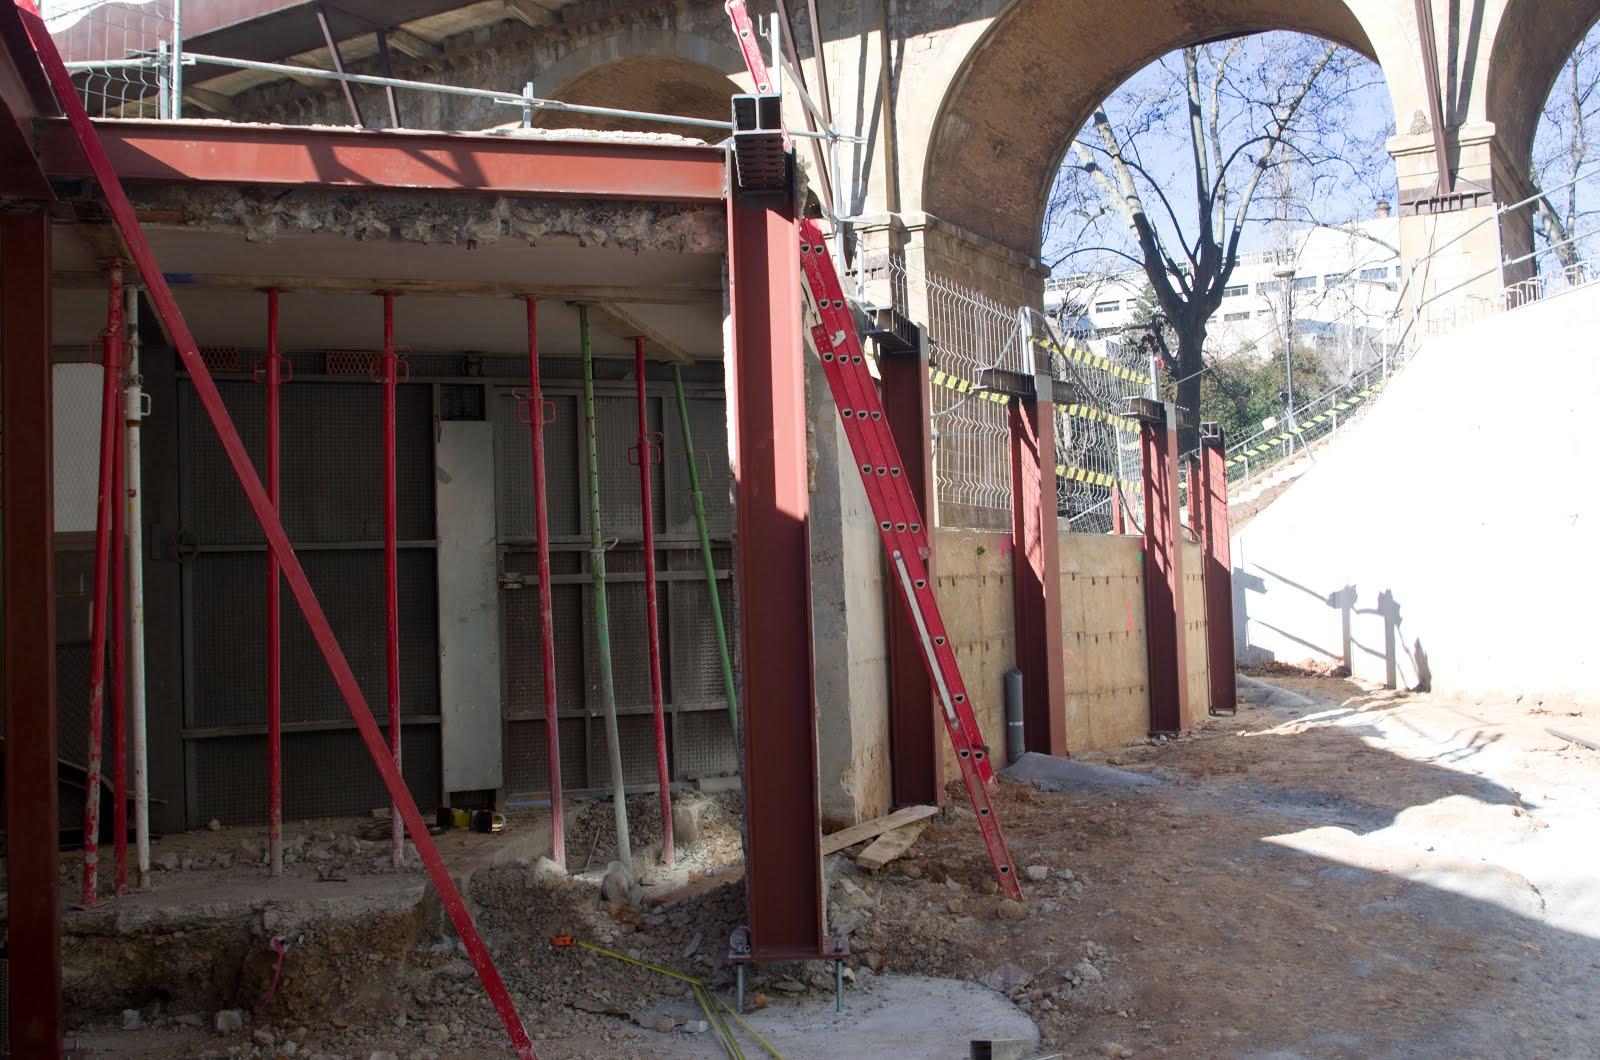 Ampliació dels magatzems de Vallparadís. 14-GEN-2017. Ildefons Argemí.